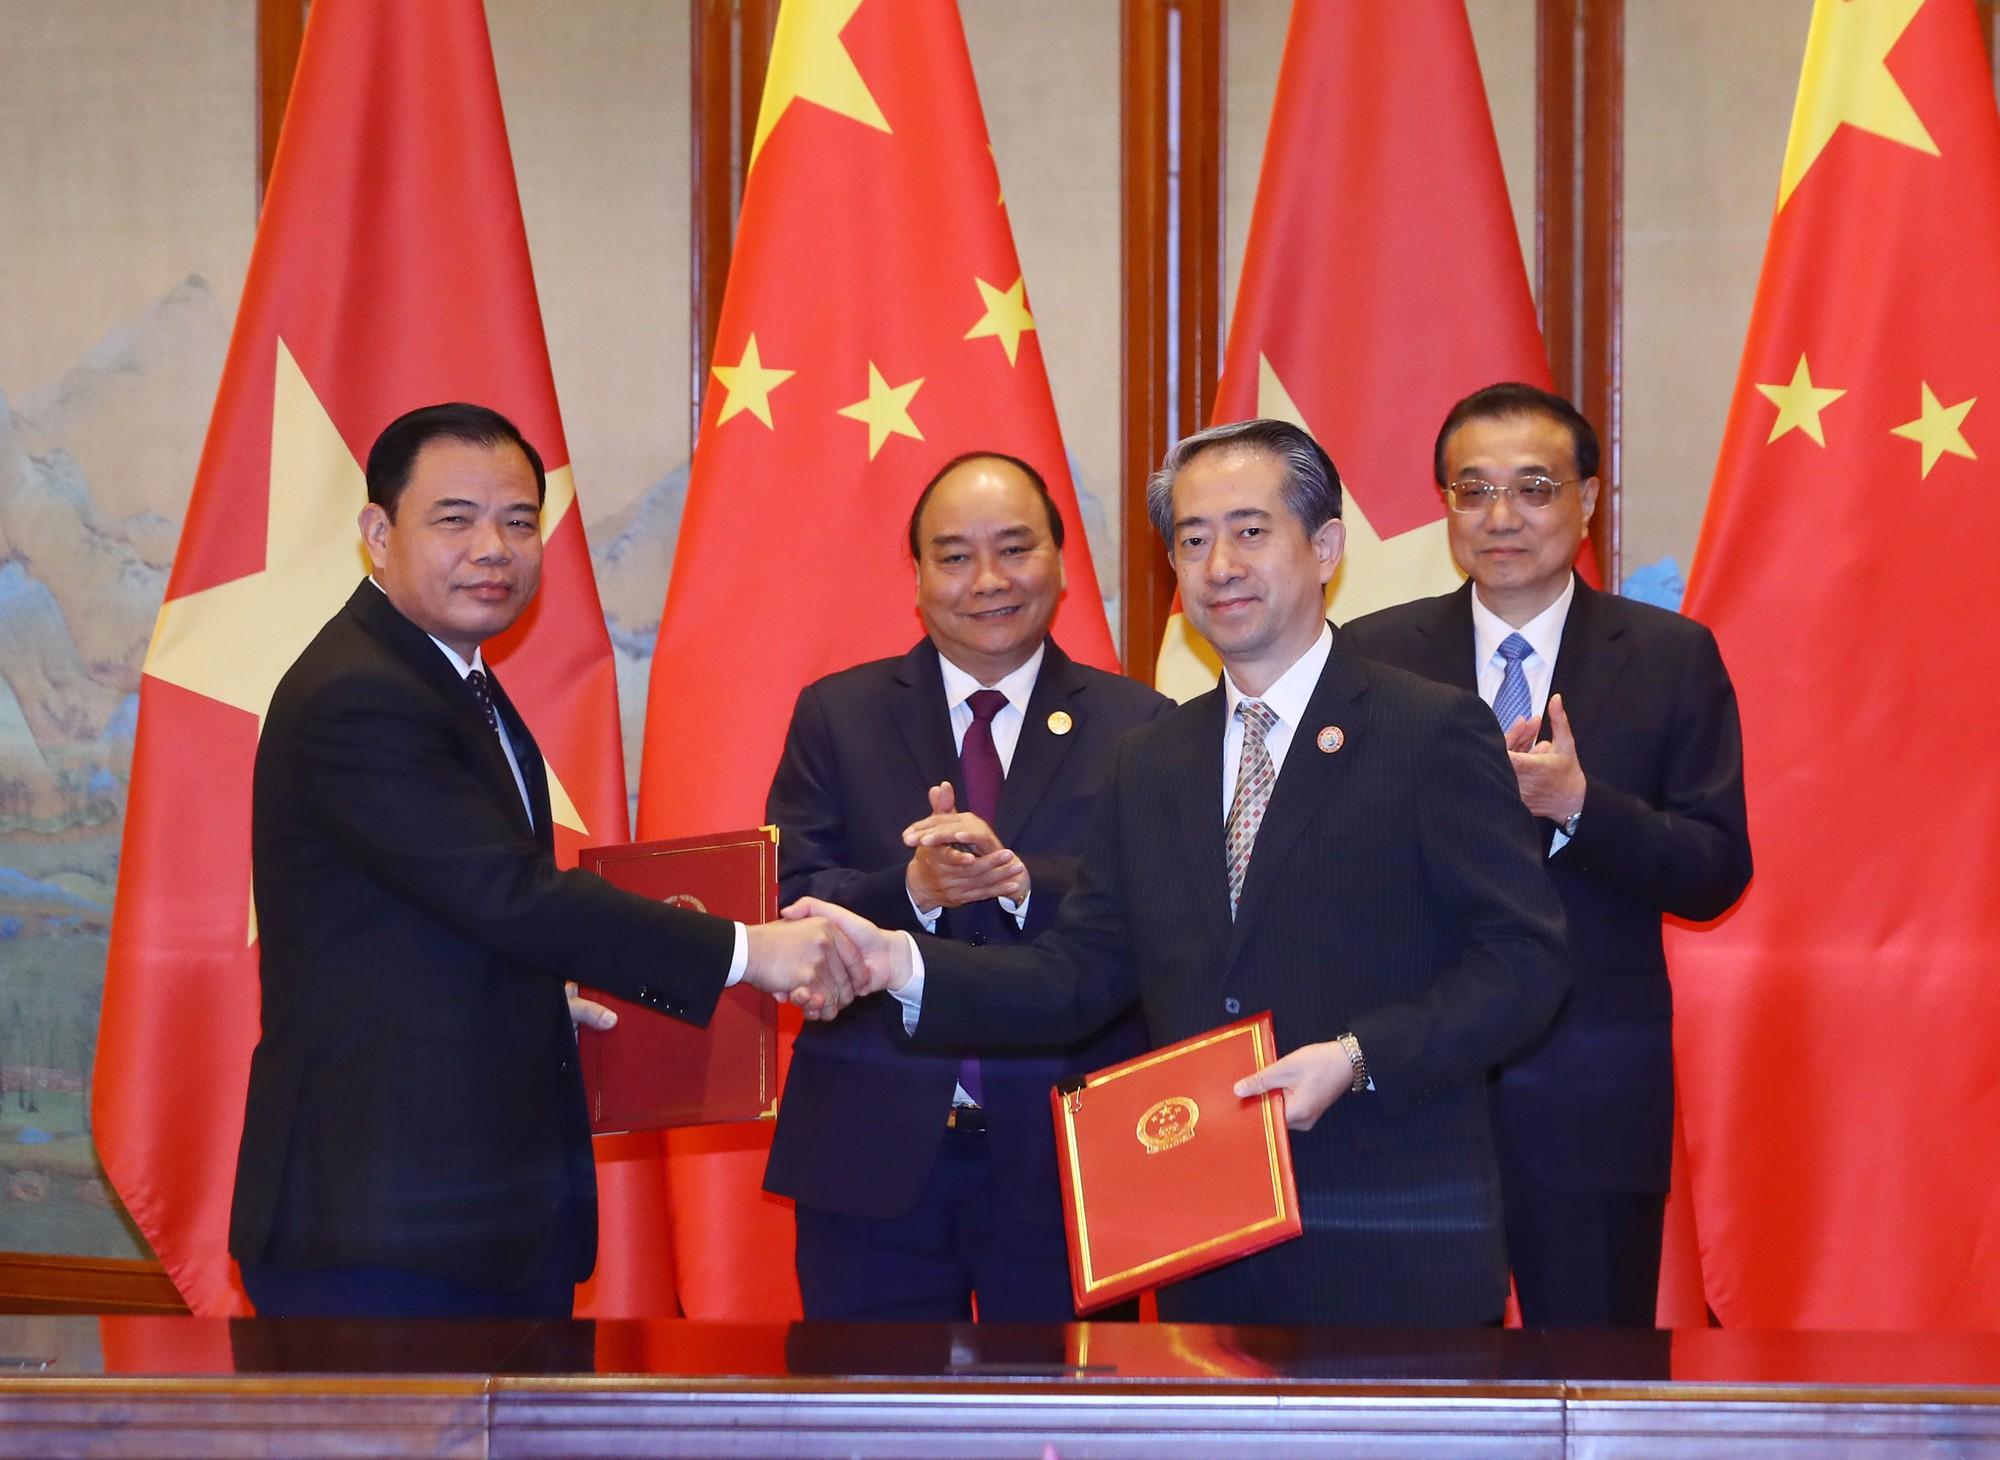 Sữa Việt Nam chính thức được xuất khẩu sang Trung Quốc - Ảnh 1.